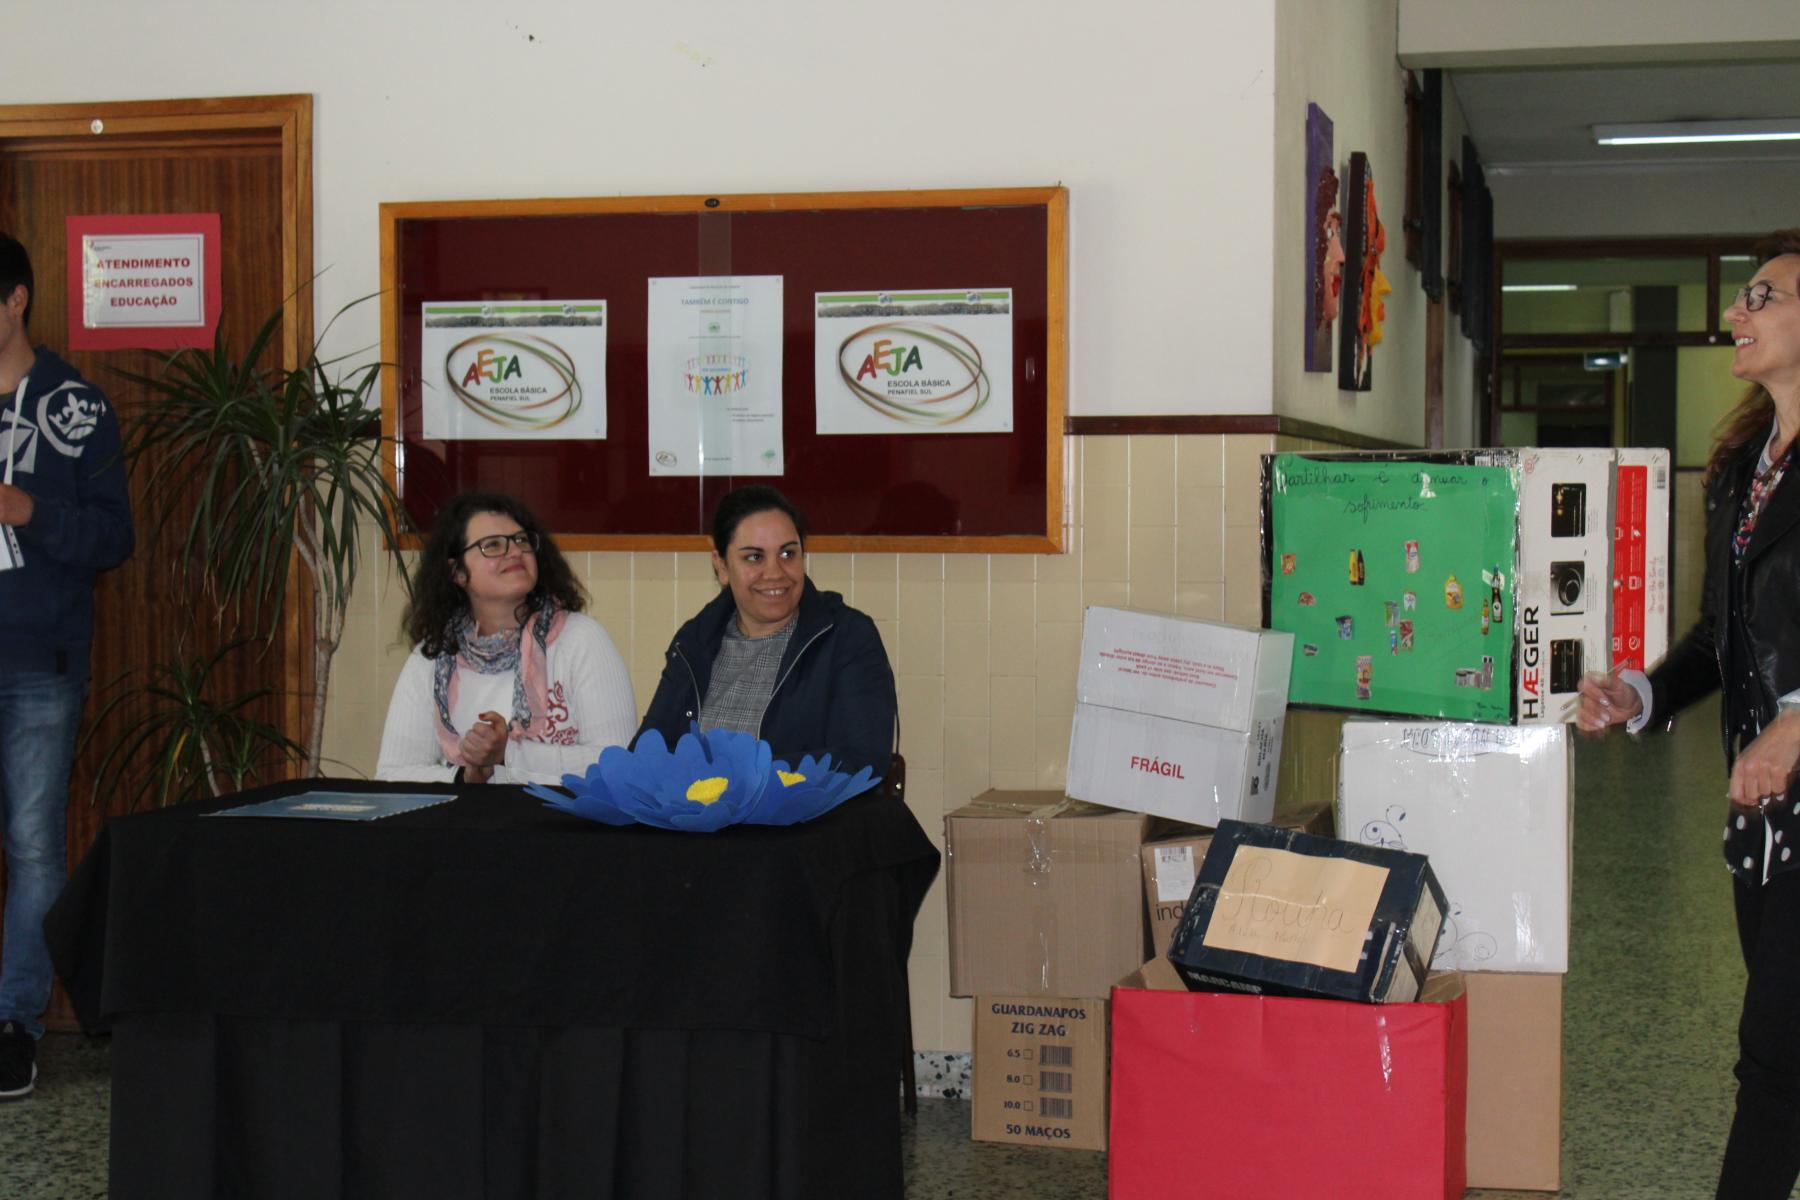 Cerimónia de entrega dos donativos para a Associação para o Desenvolvimento da Figueira